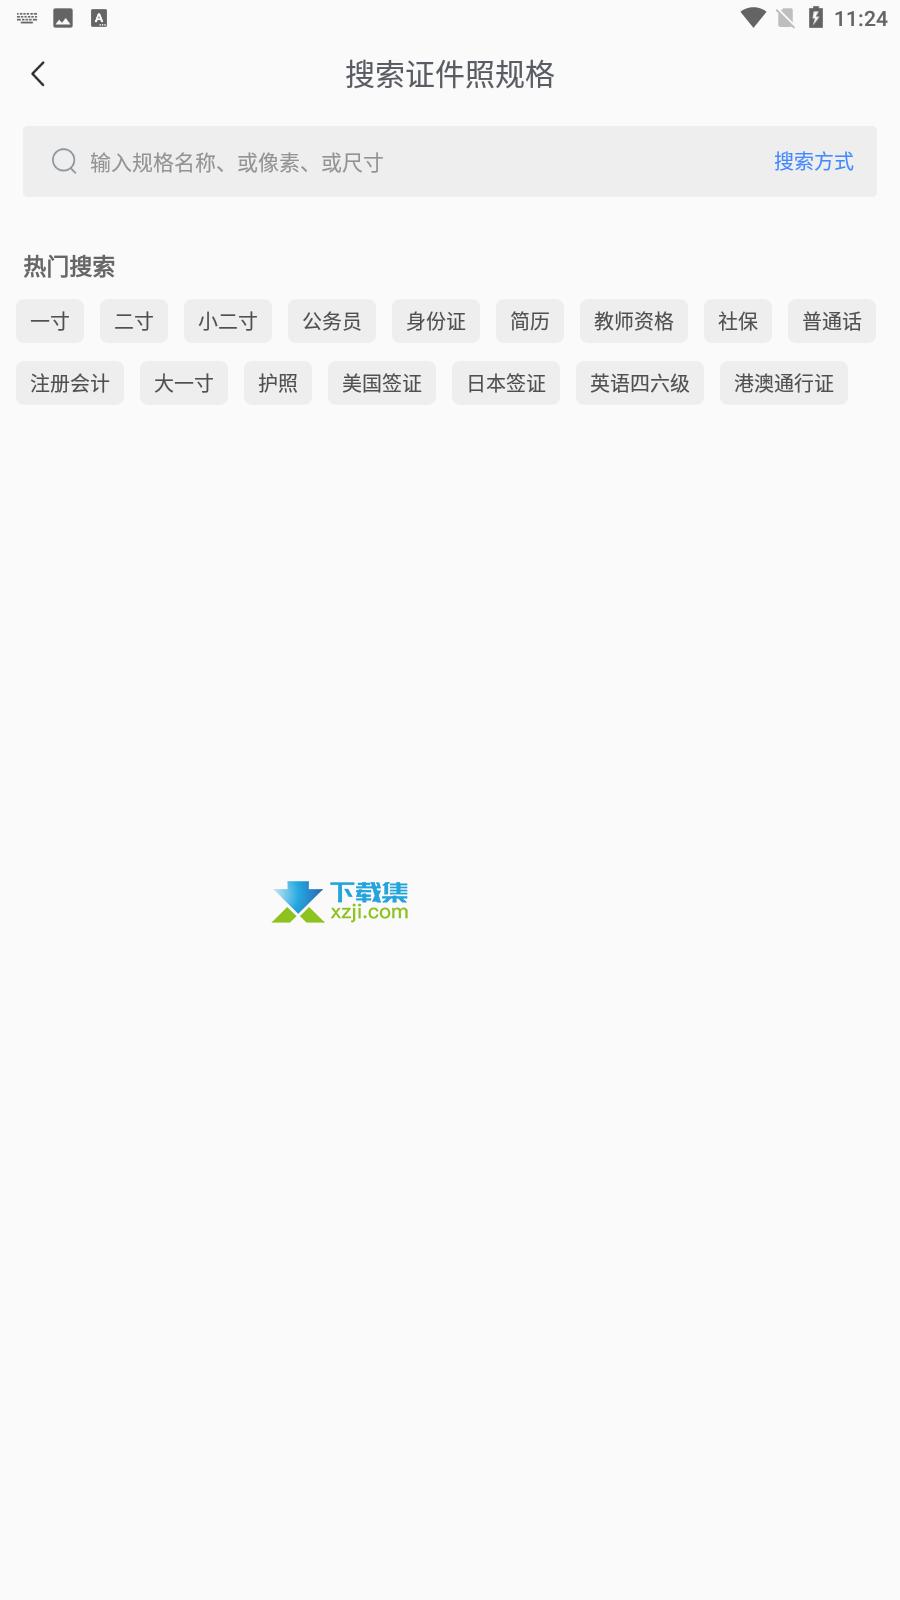 扫描王全能宝界面5